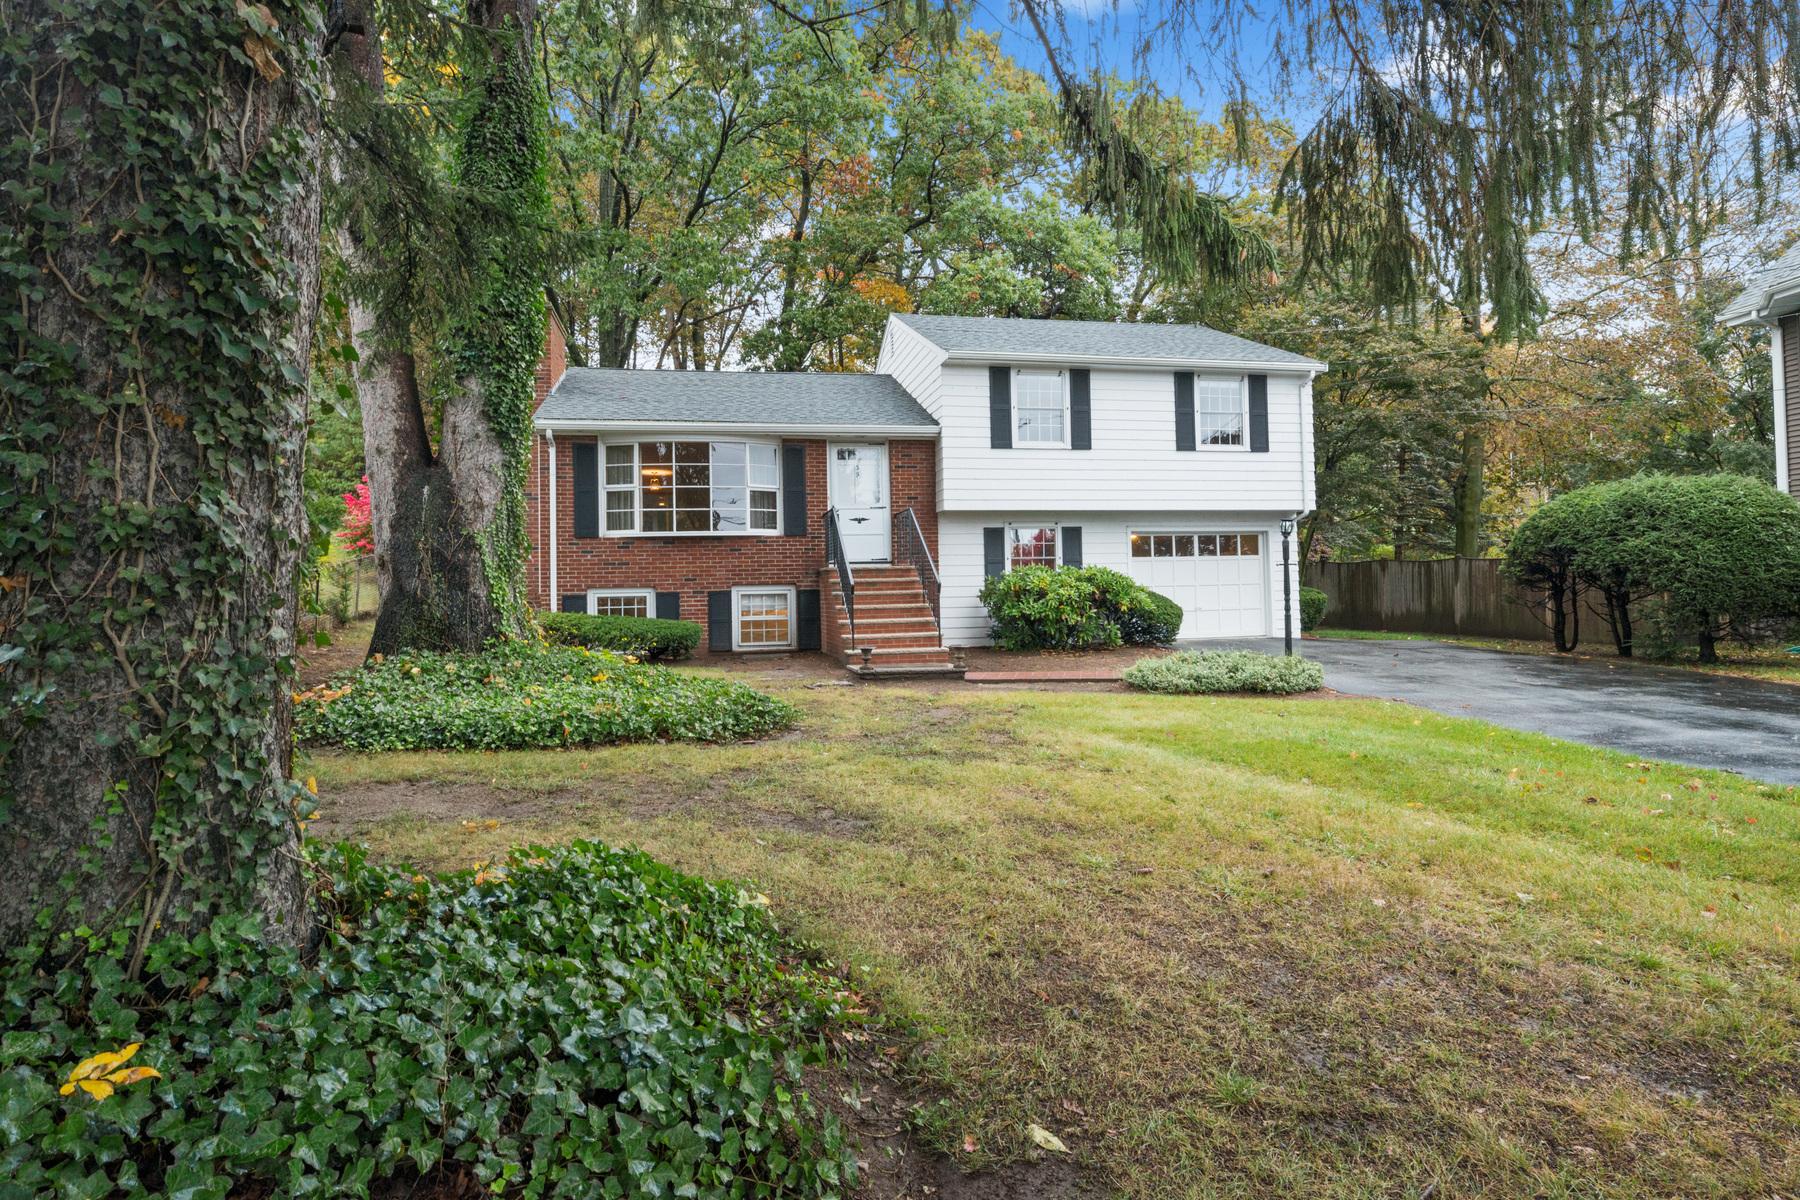 Einfamilienhaus für Verkauf beim This 3 bedroom home was custom built in 1961 39 Bow Street, Woburn, Massachusetts, 01801 Vereinigte Staaten